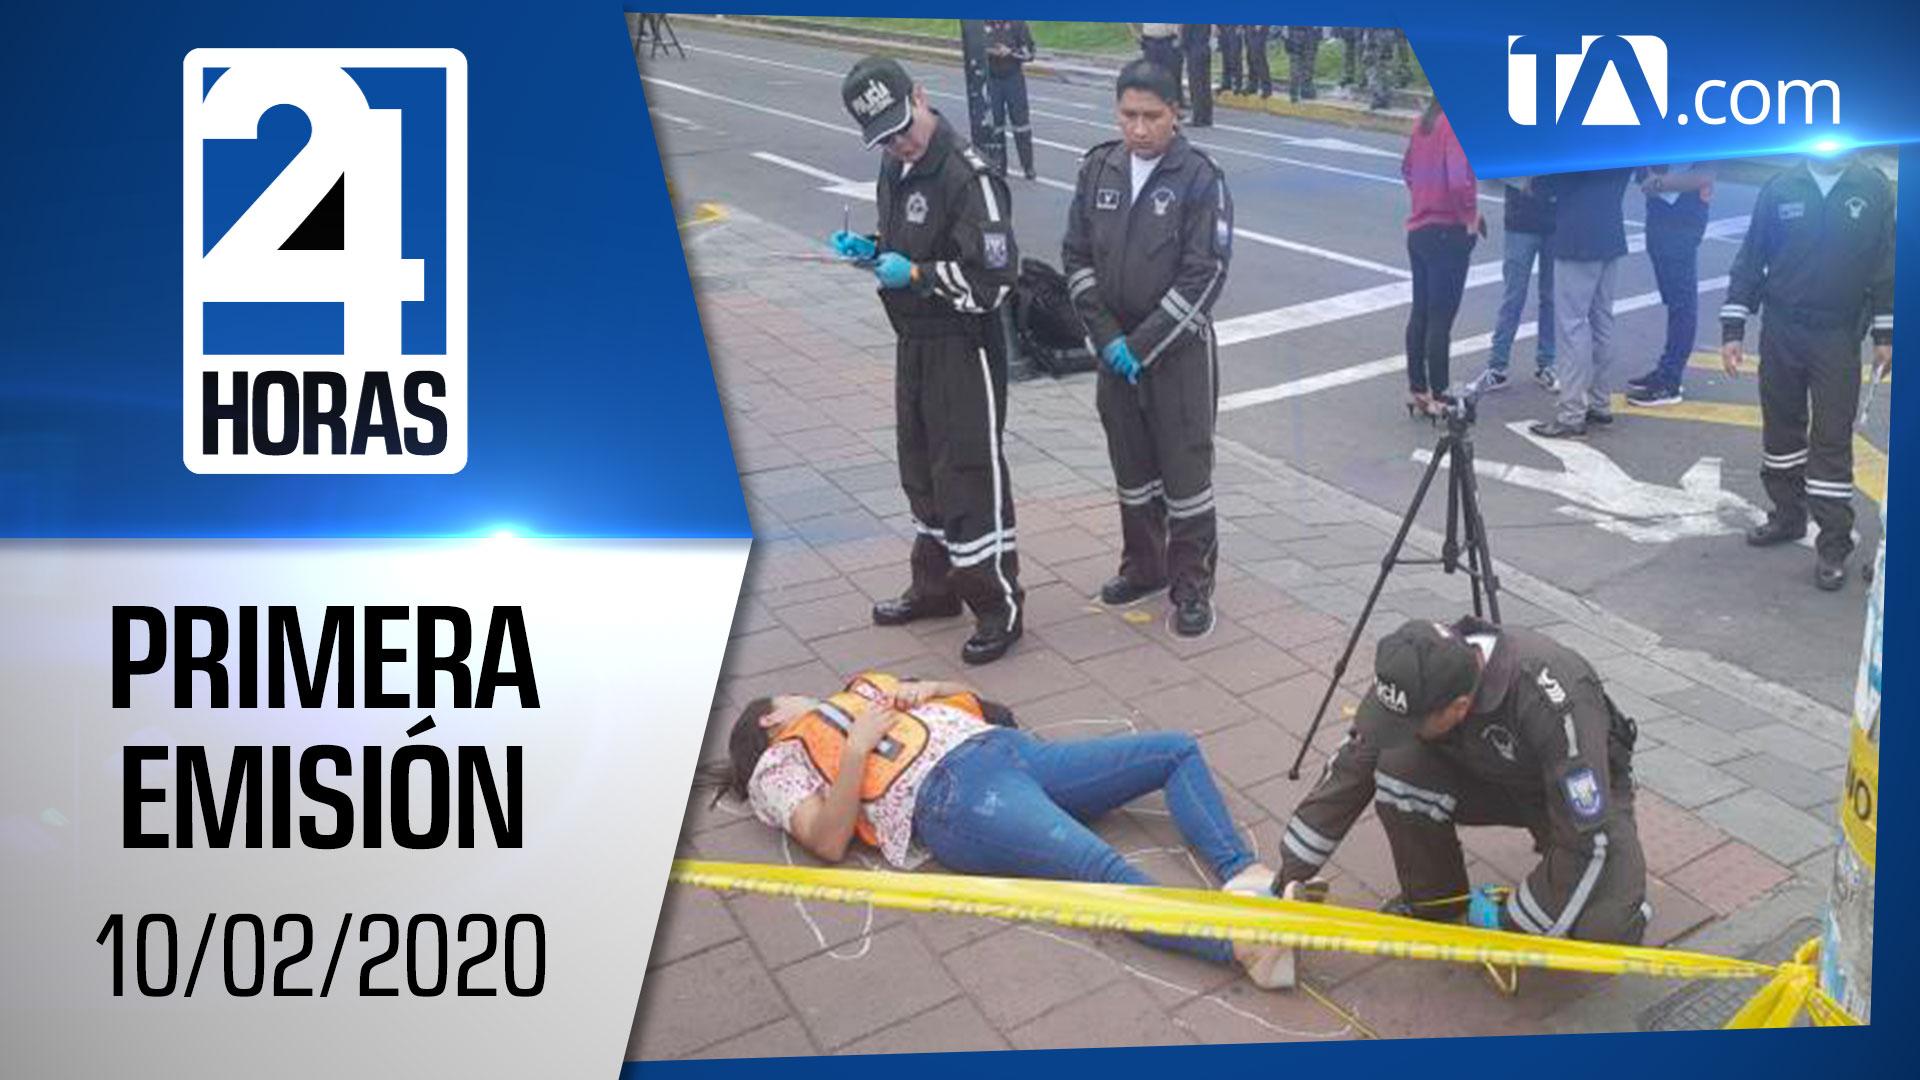 Noticias Ecuador: Noticiero 24 Horas 10/02/2020 (Primera Emisión)